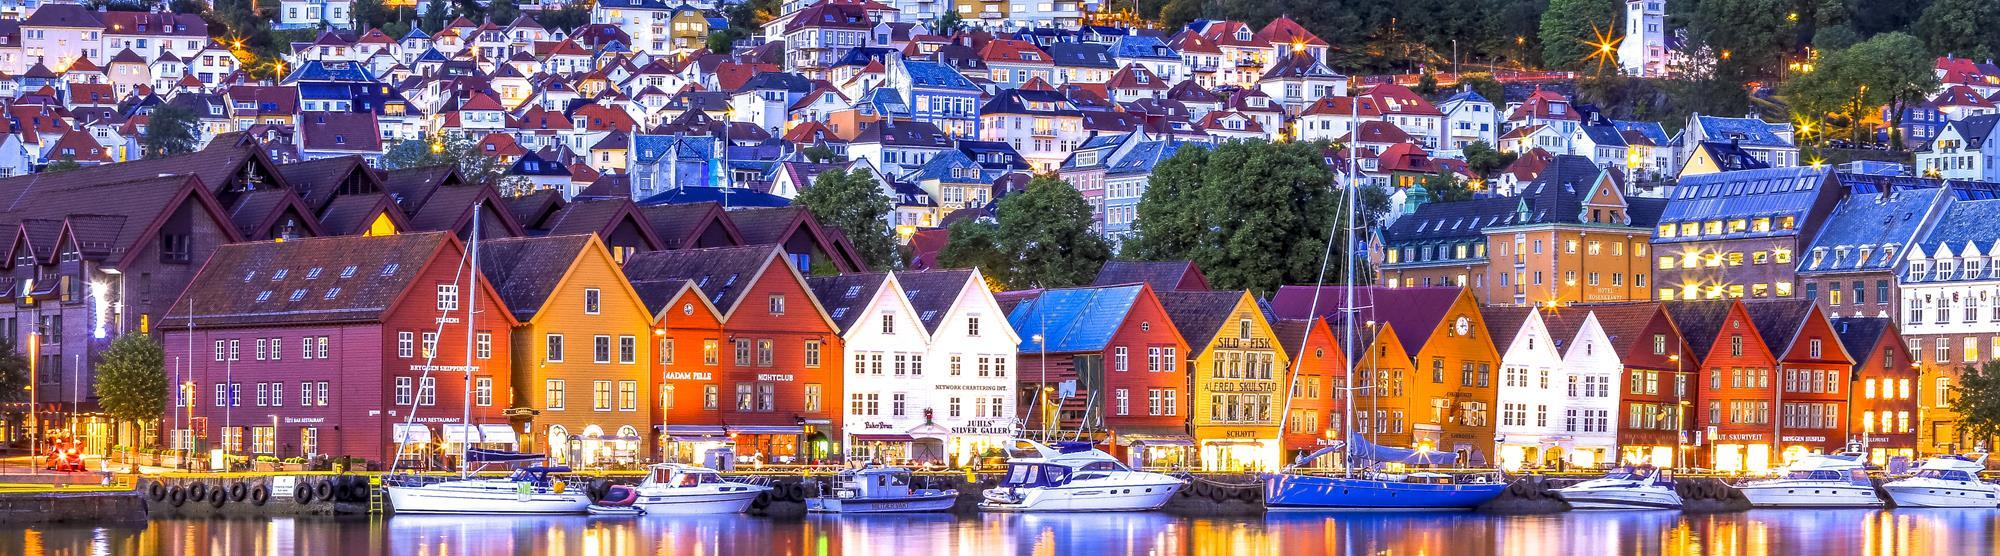 Wochenende in Bergen, Norwegen